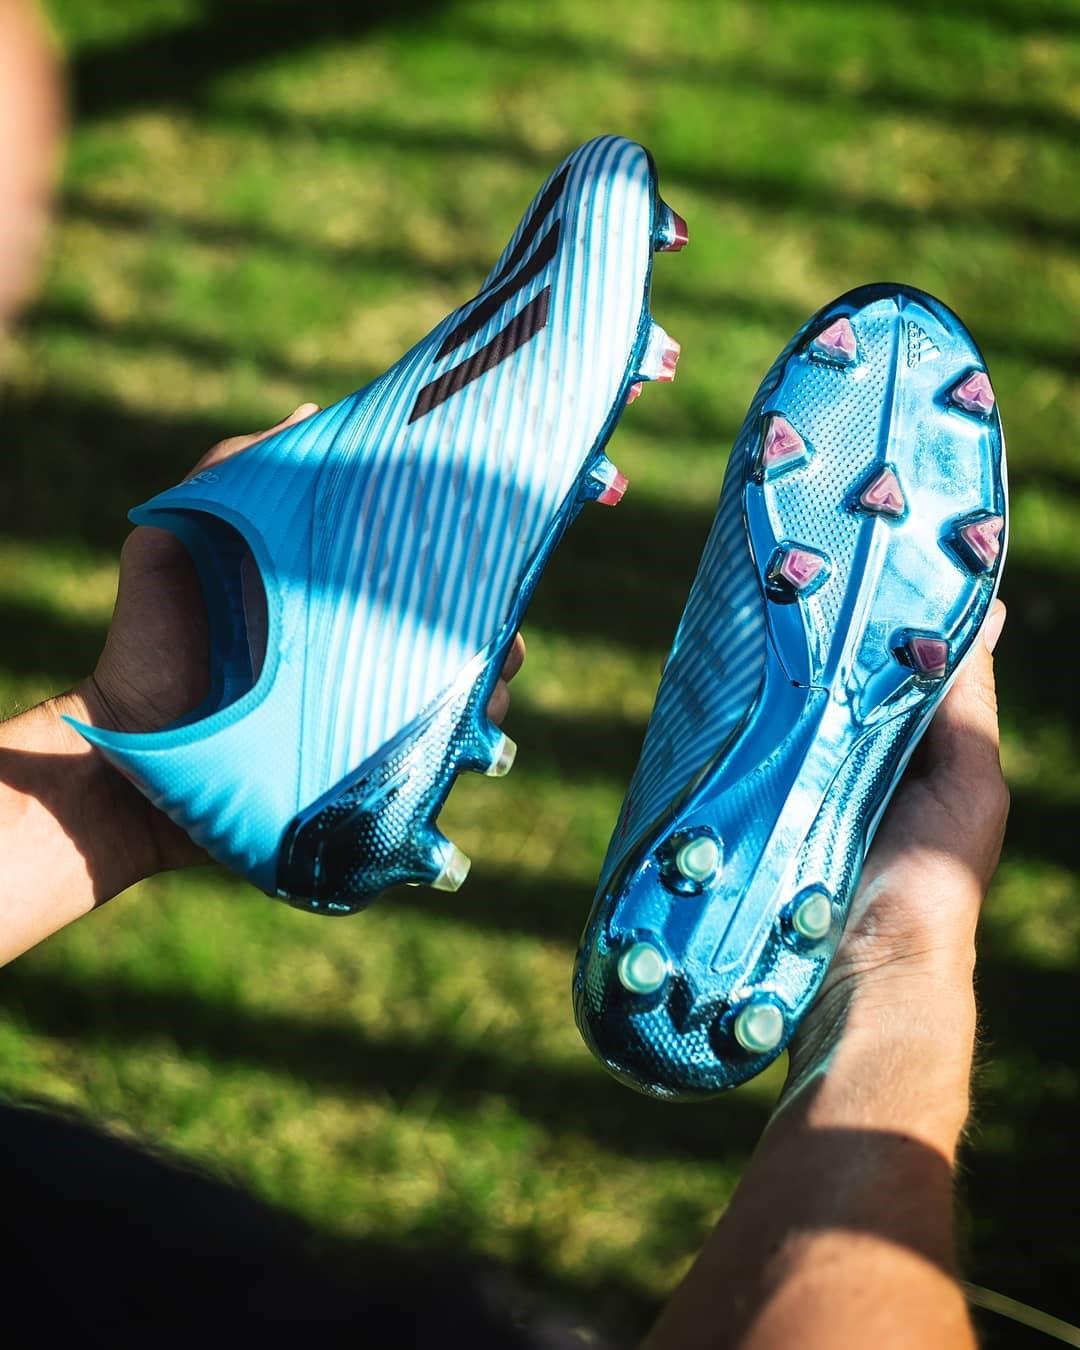 Adidas X19+